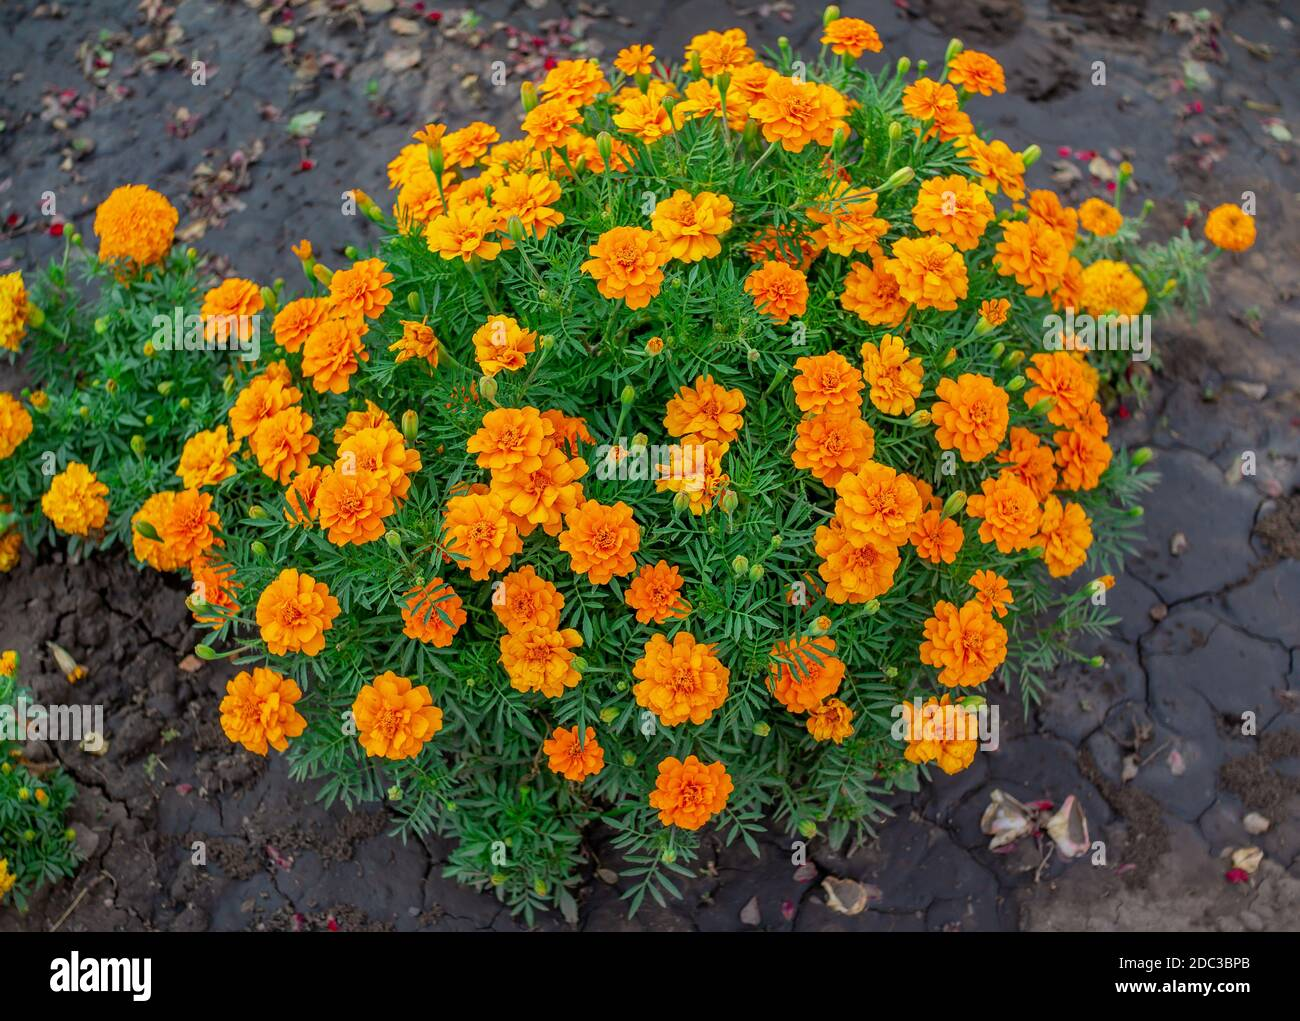 Belles fleurs orange vif tagetes ou Marigold, qui poussent dans le jardin Banque D'Images